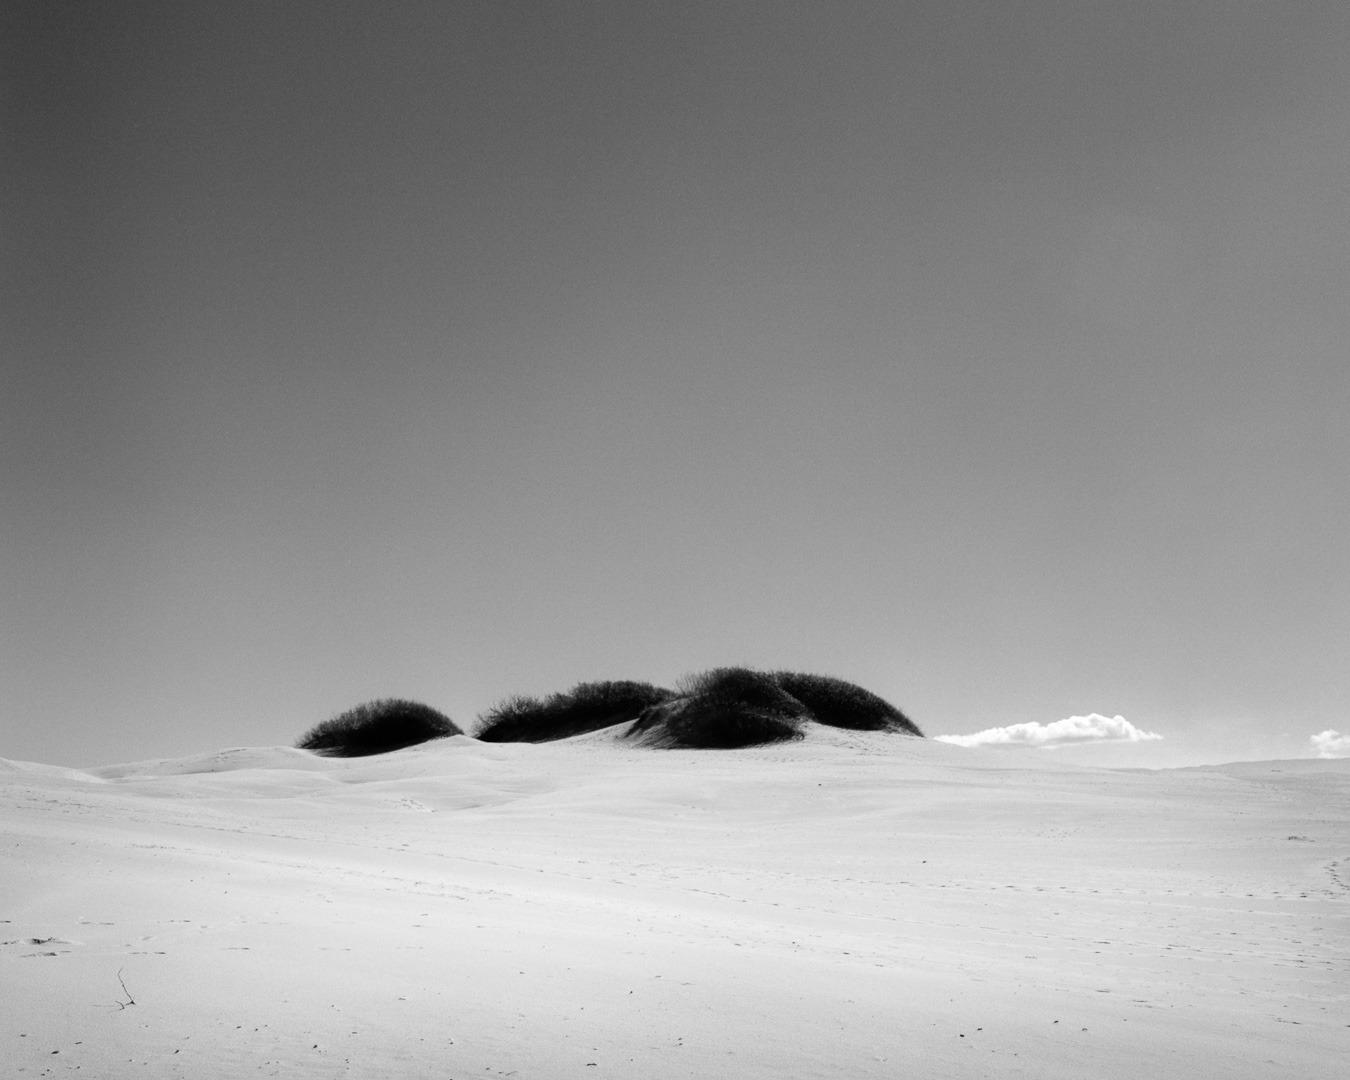 Dunesno9 oceano cwqpdv